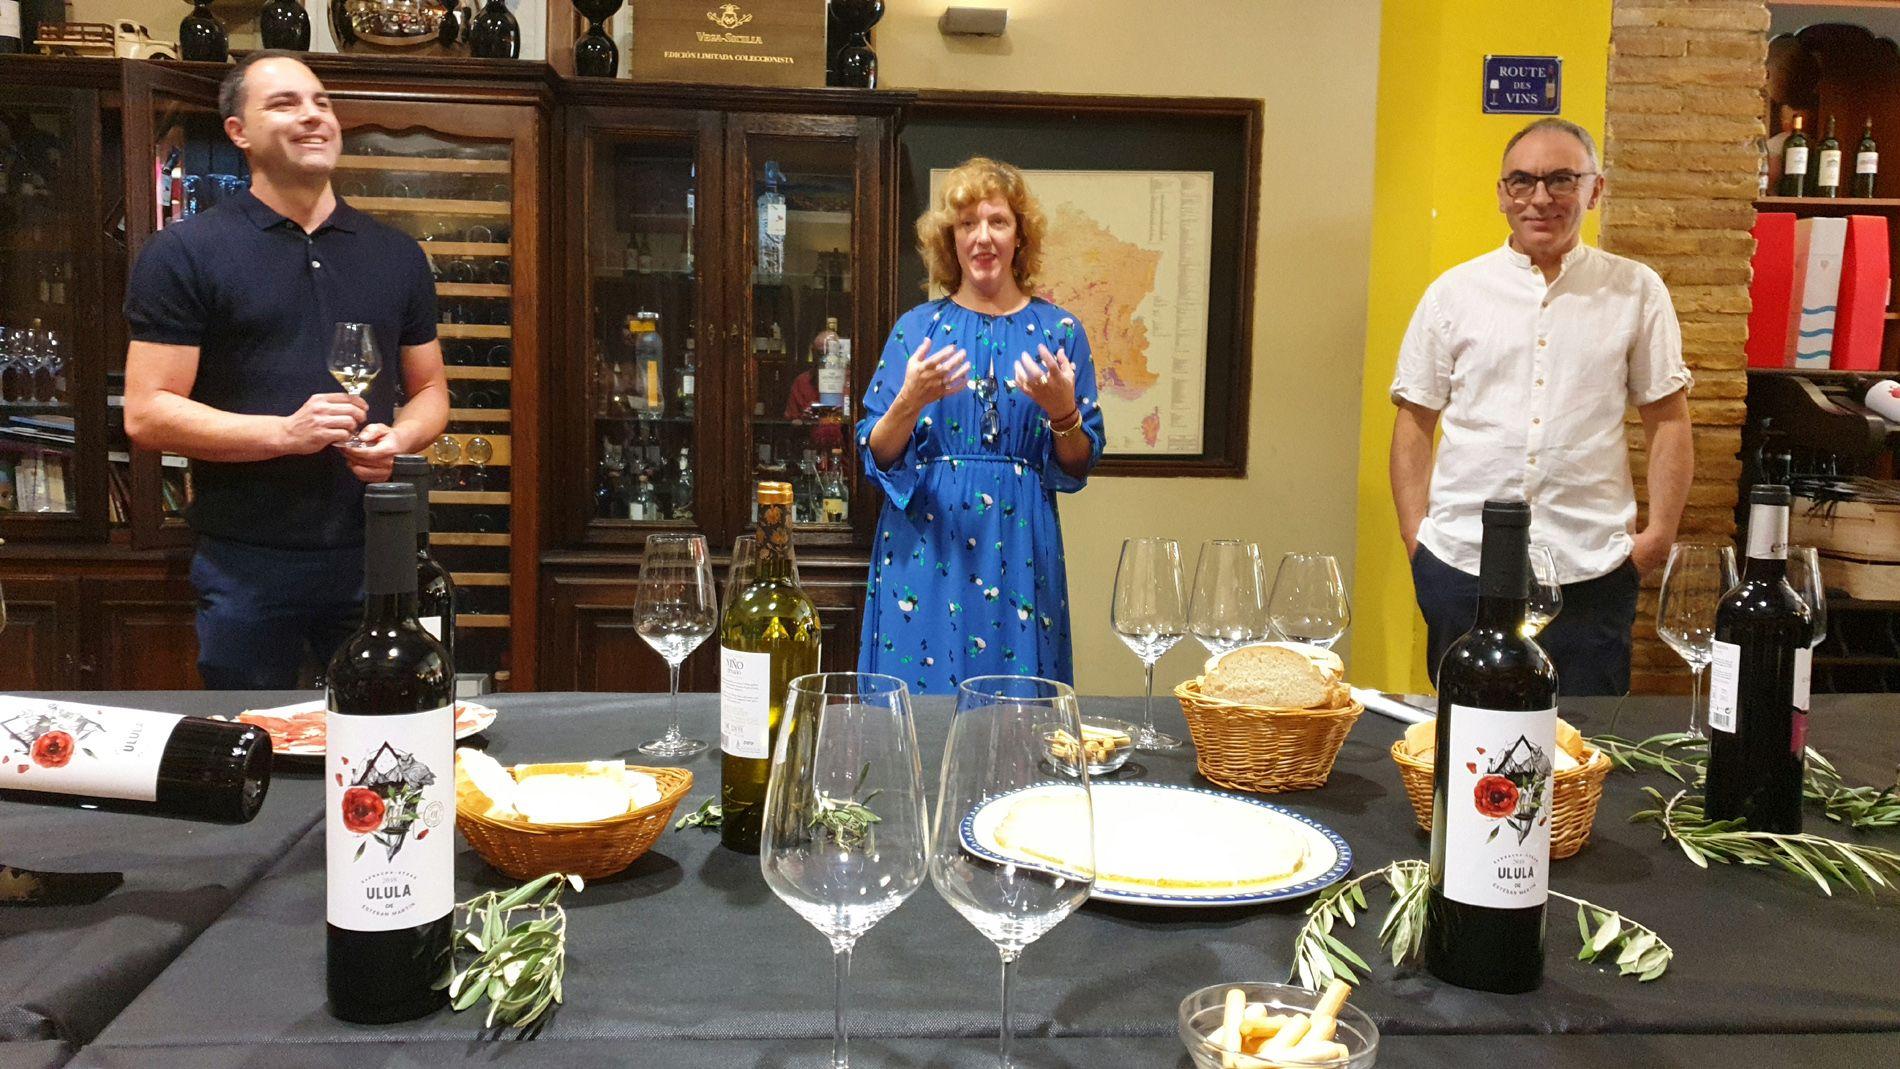 La bodega de la DOP Cariñena Esteban Martín presenta su nuevo vino ULULA